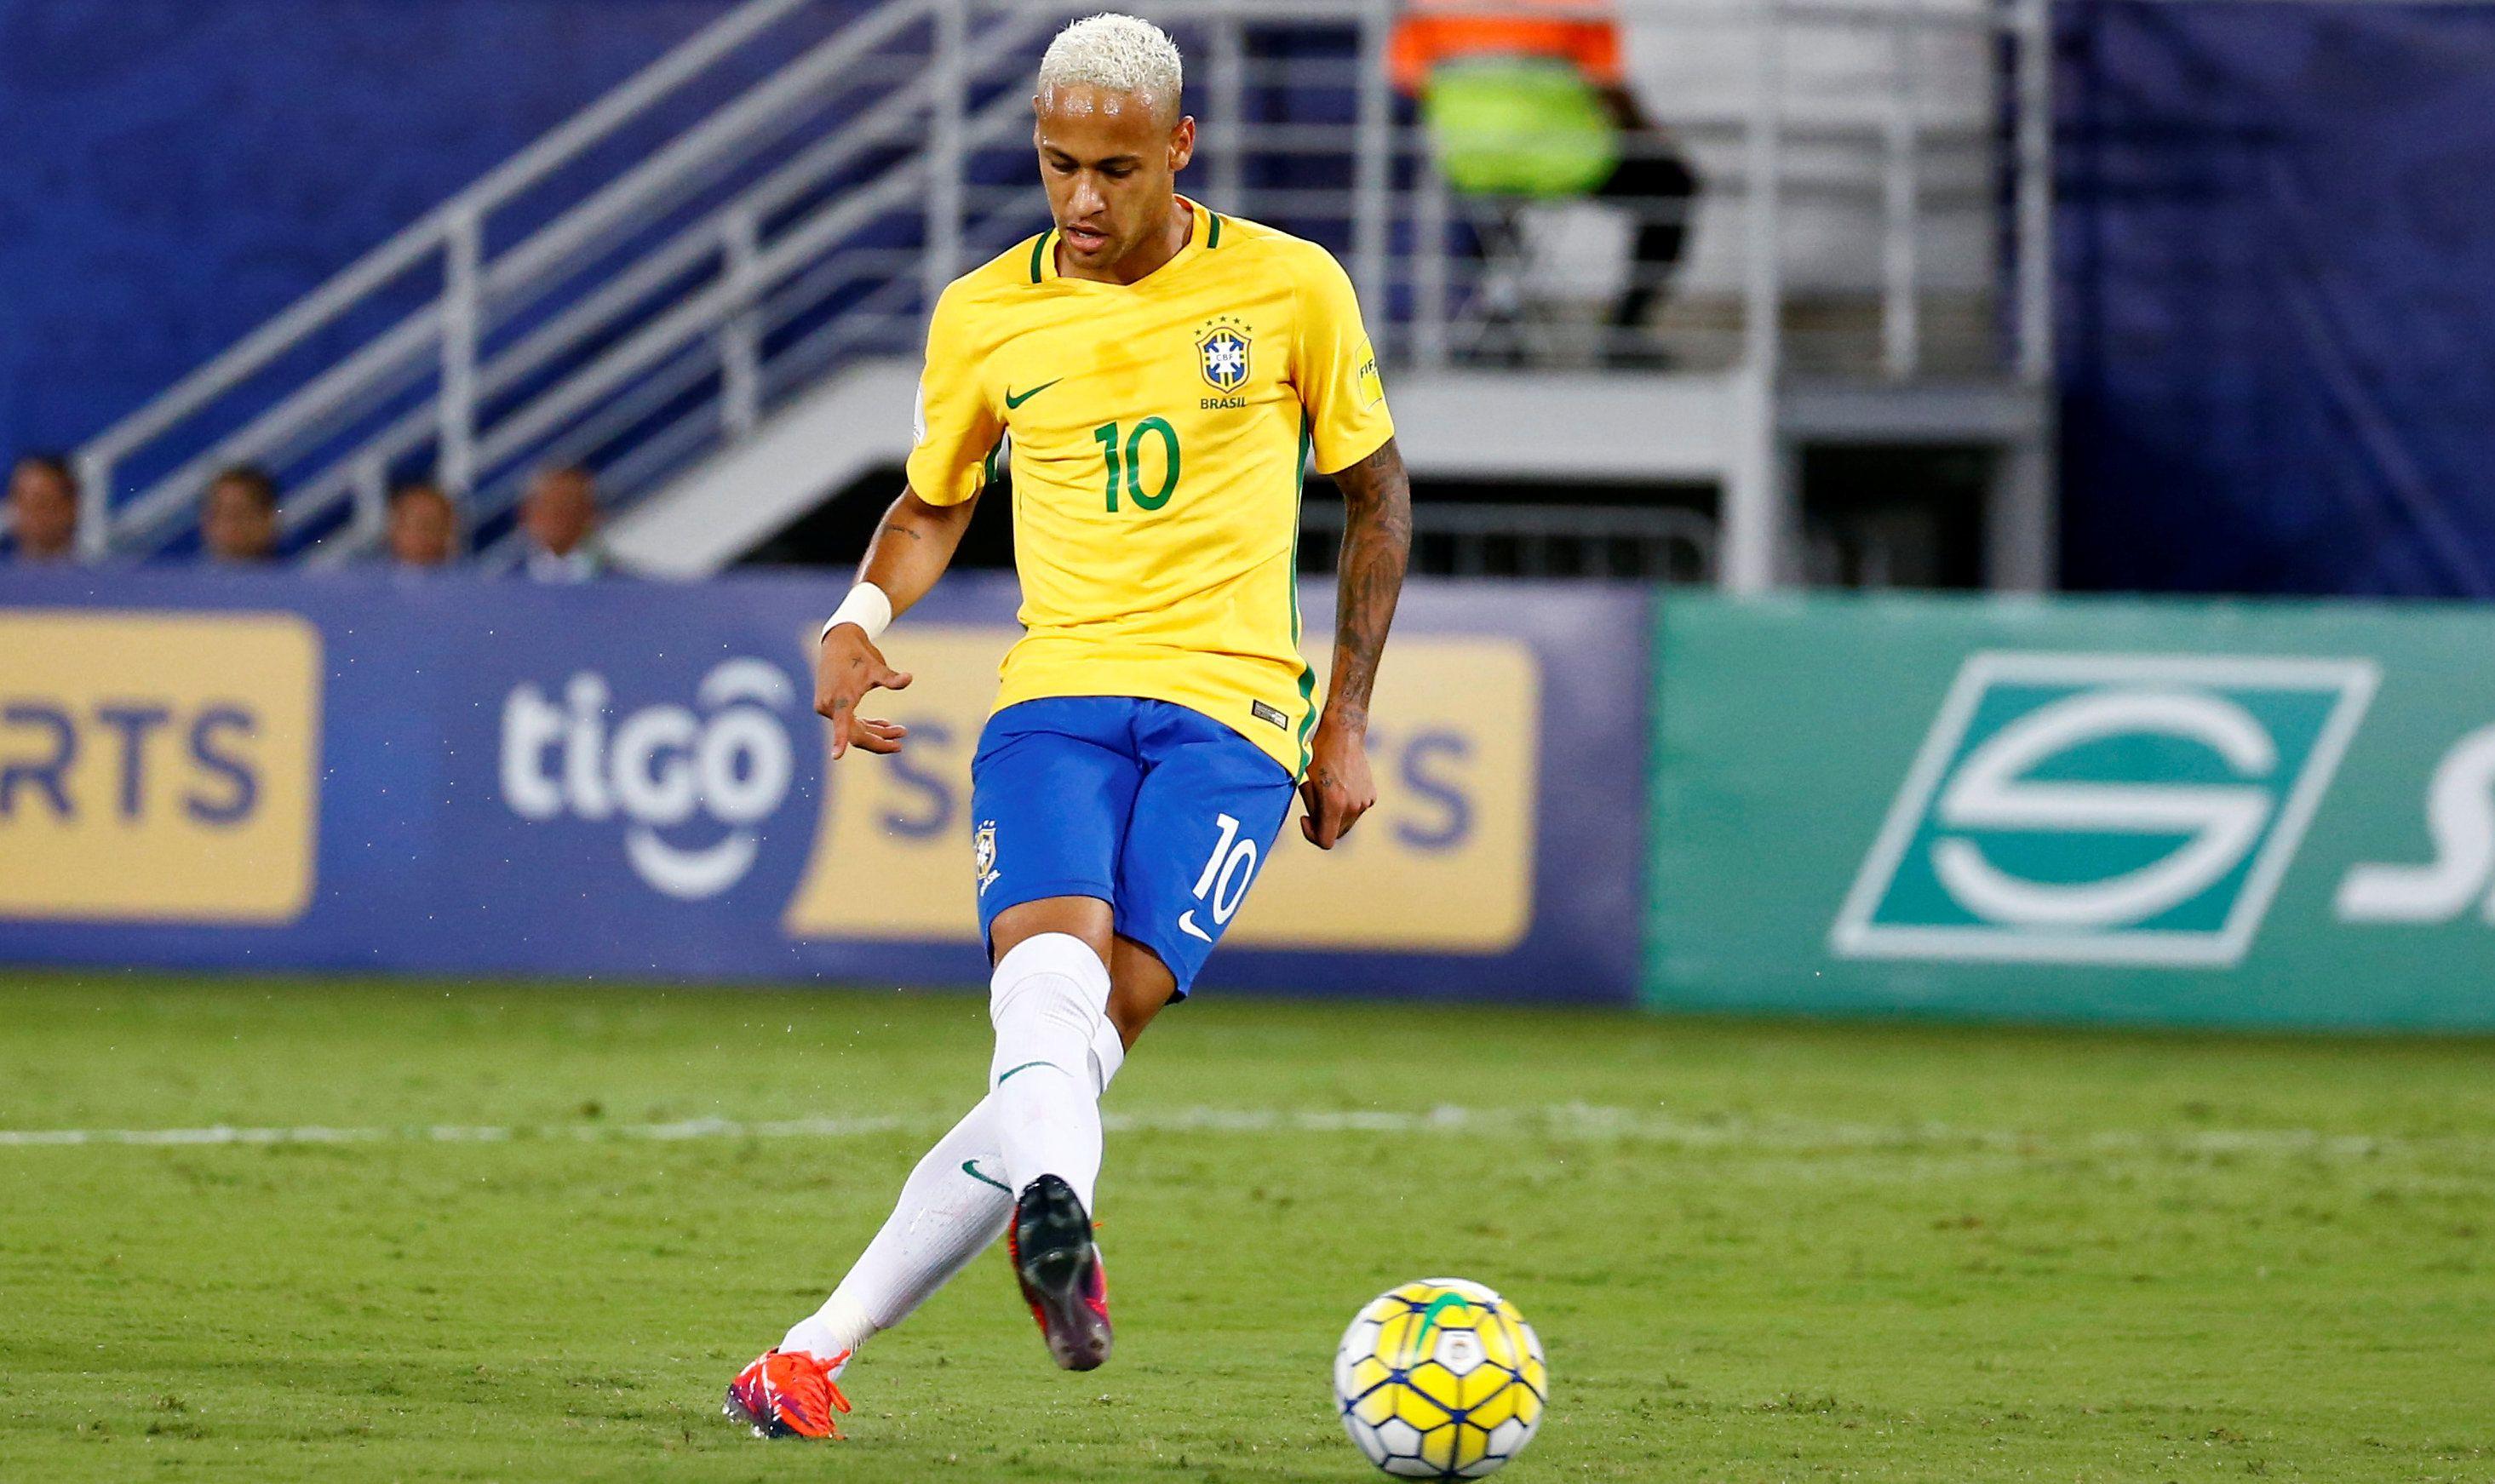 Football - Coupe du monde - Le Brésil suit la cadence, l'Argentine perd du terrain